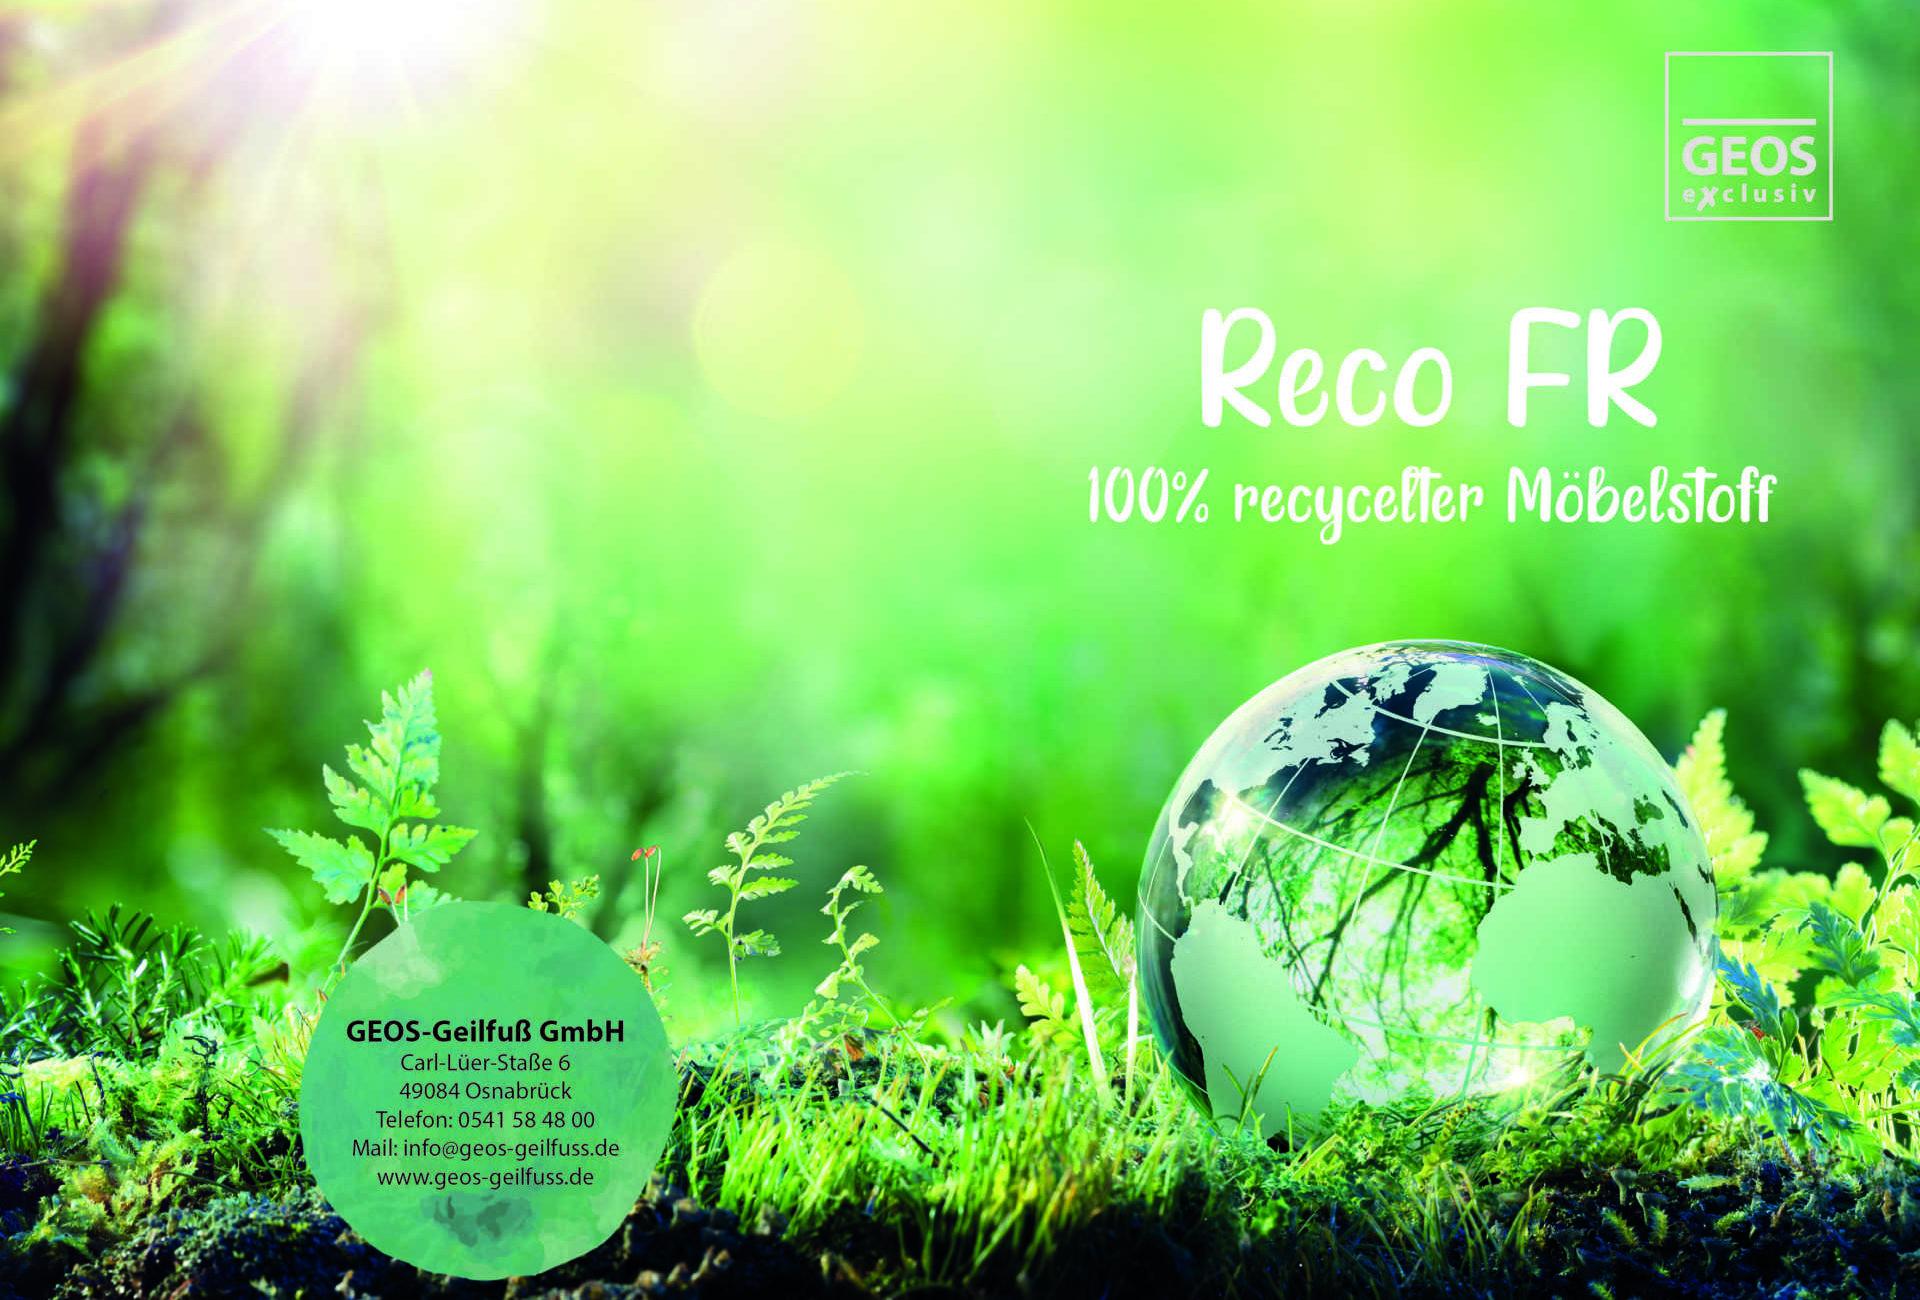 Reco_Flyer_Aussen